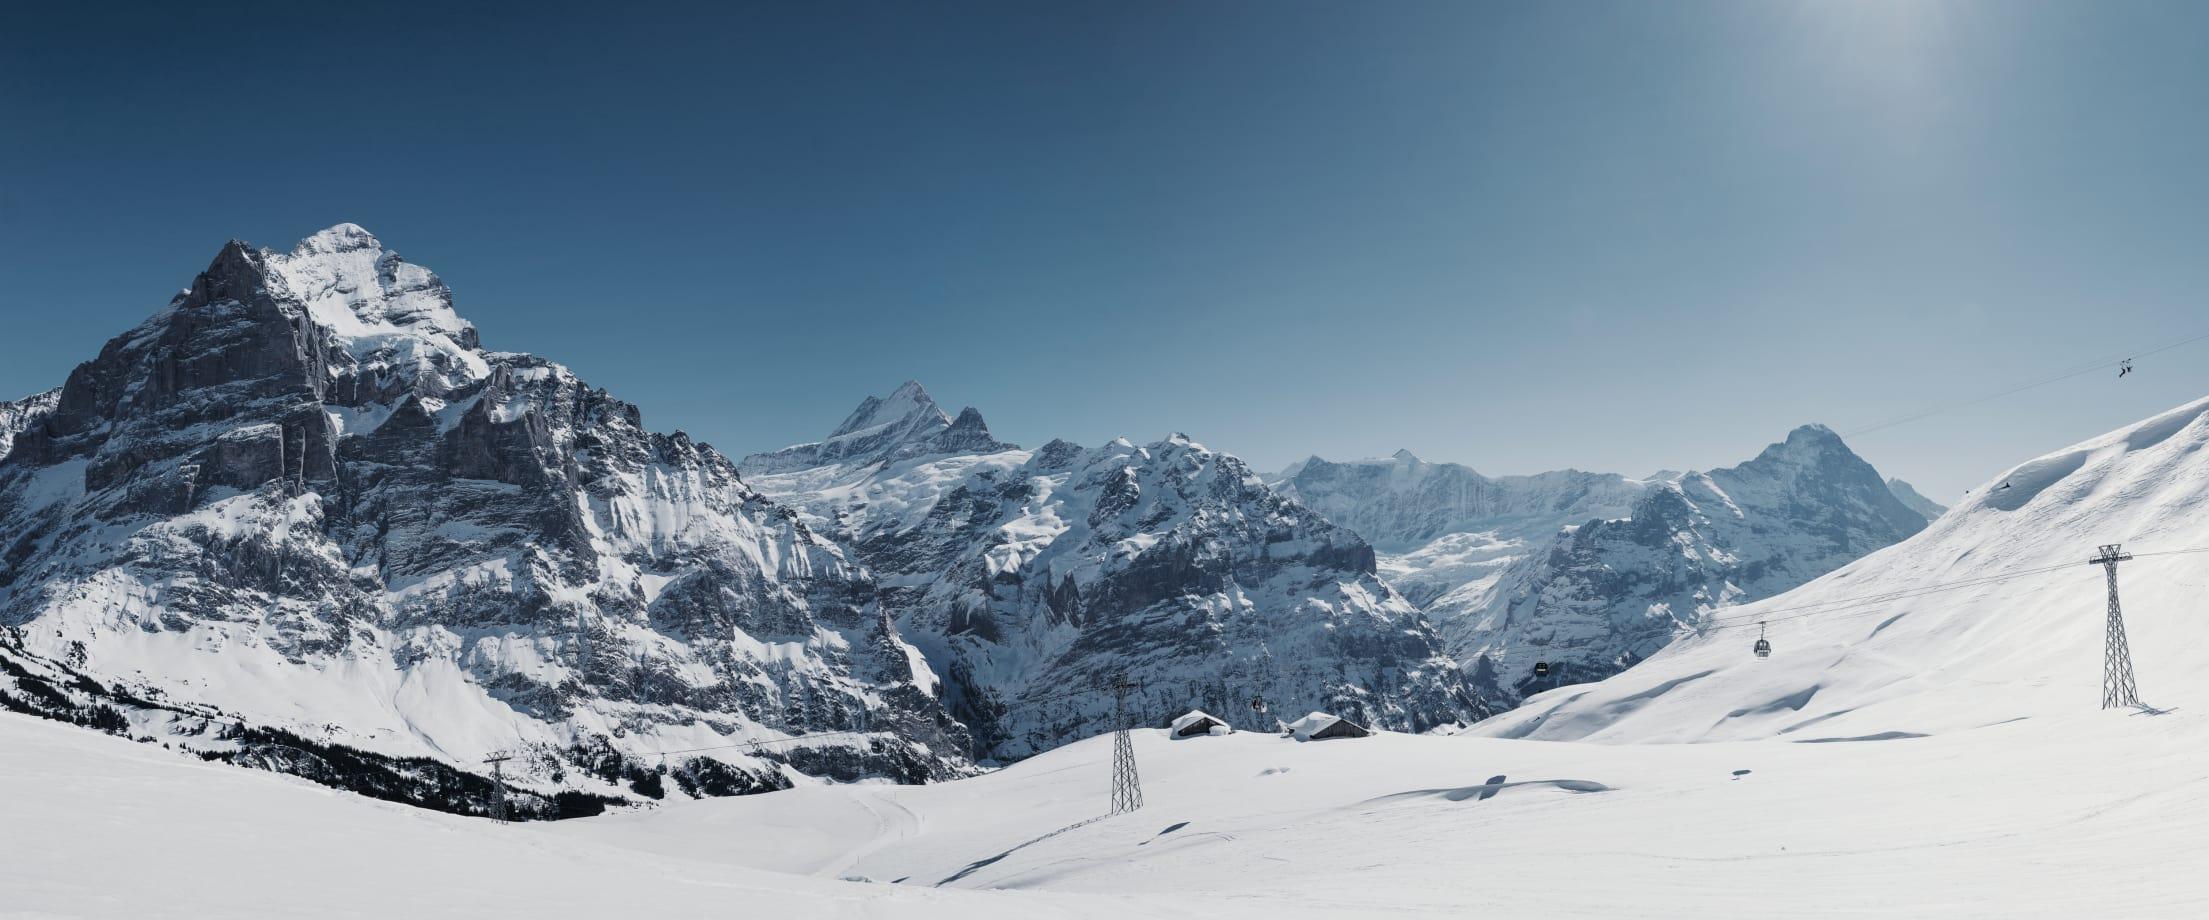 Grindelwald First Gondelbahn Schnee Wetterhorn Eiger